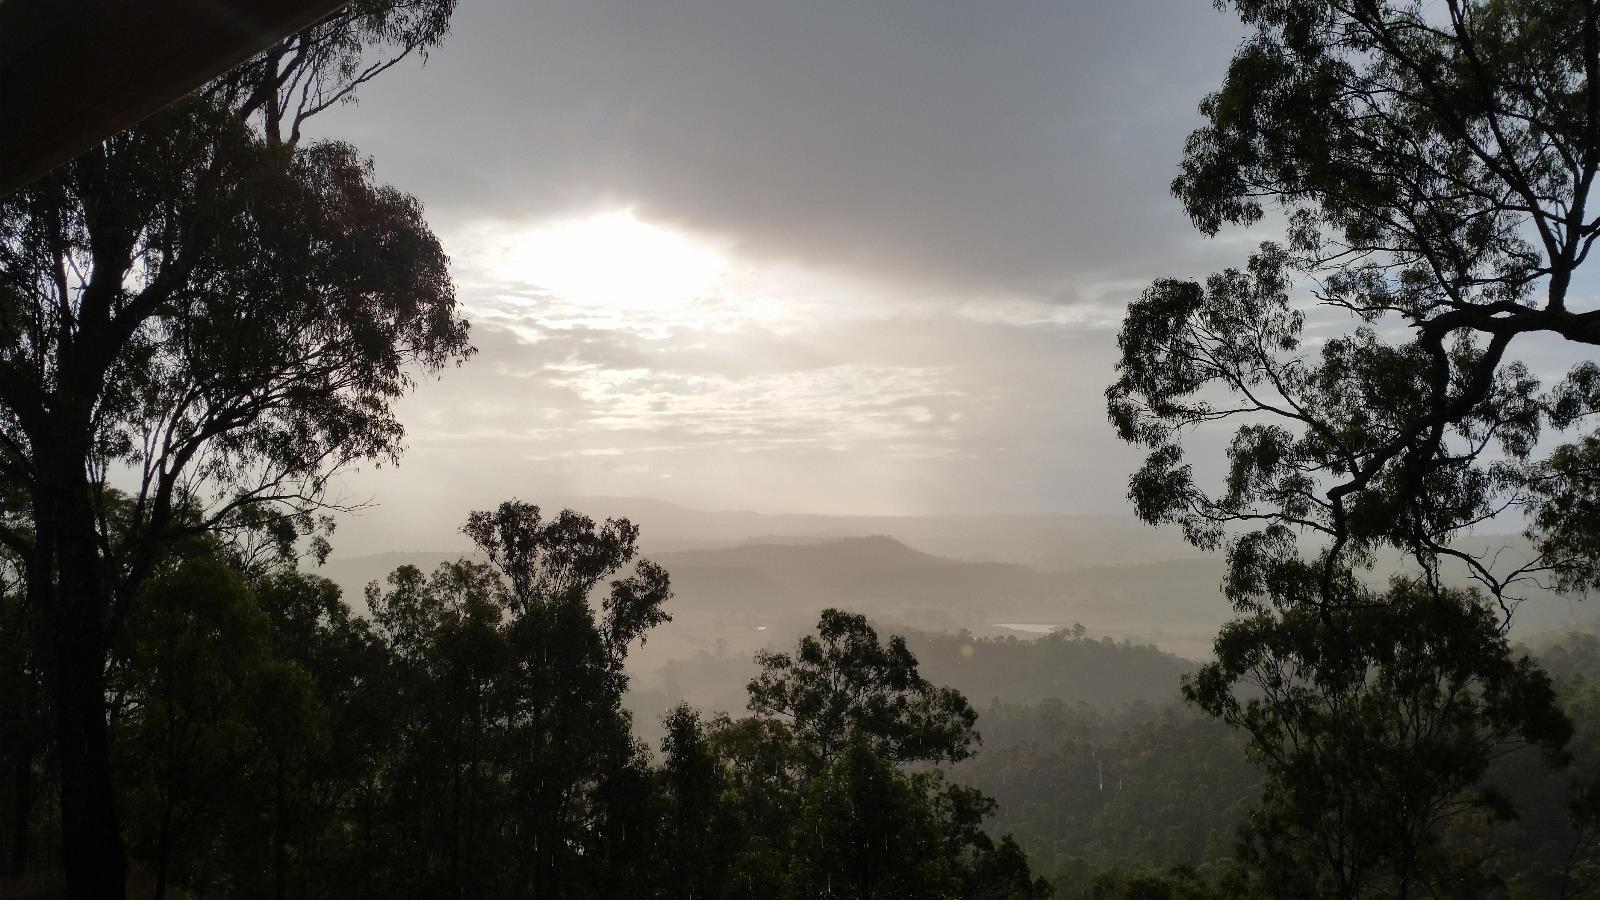 The rain arrives...